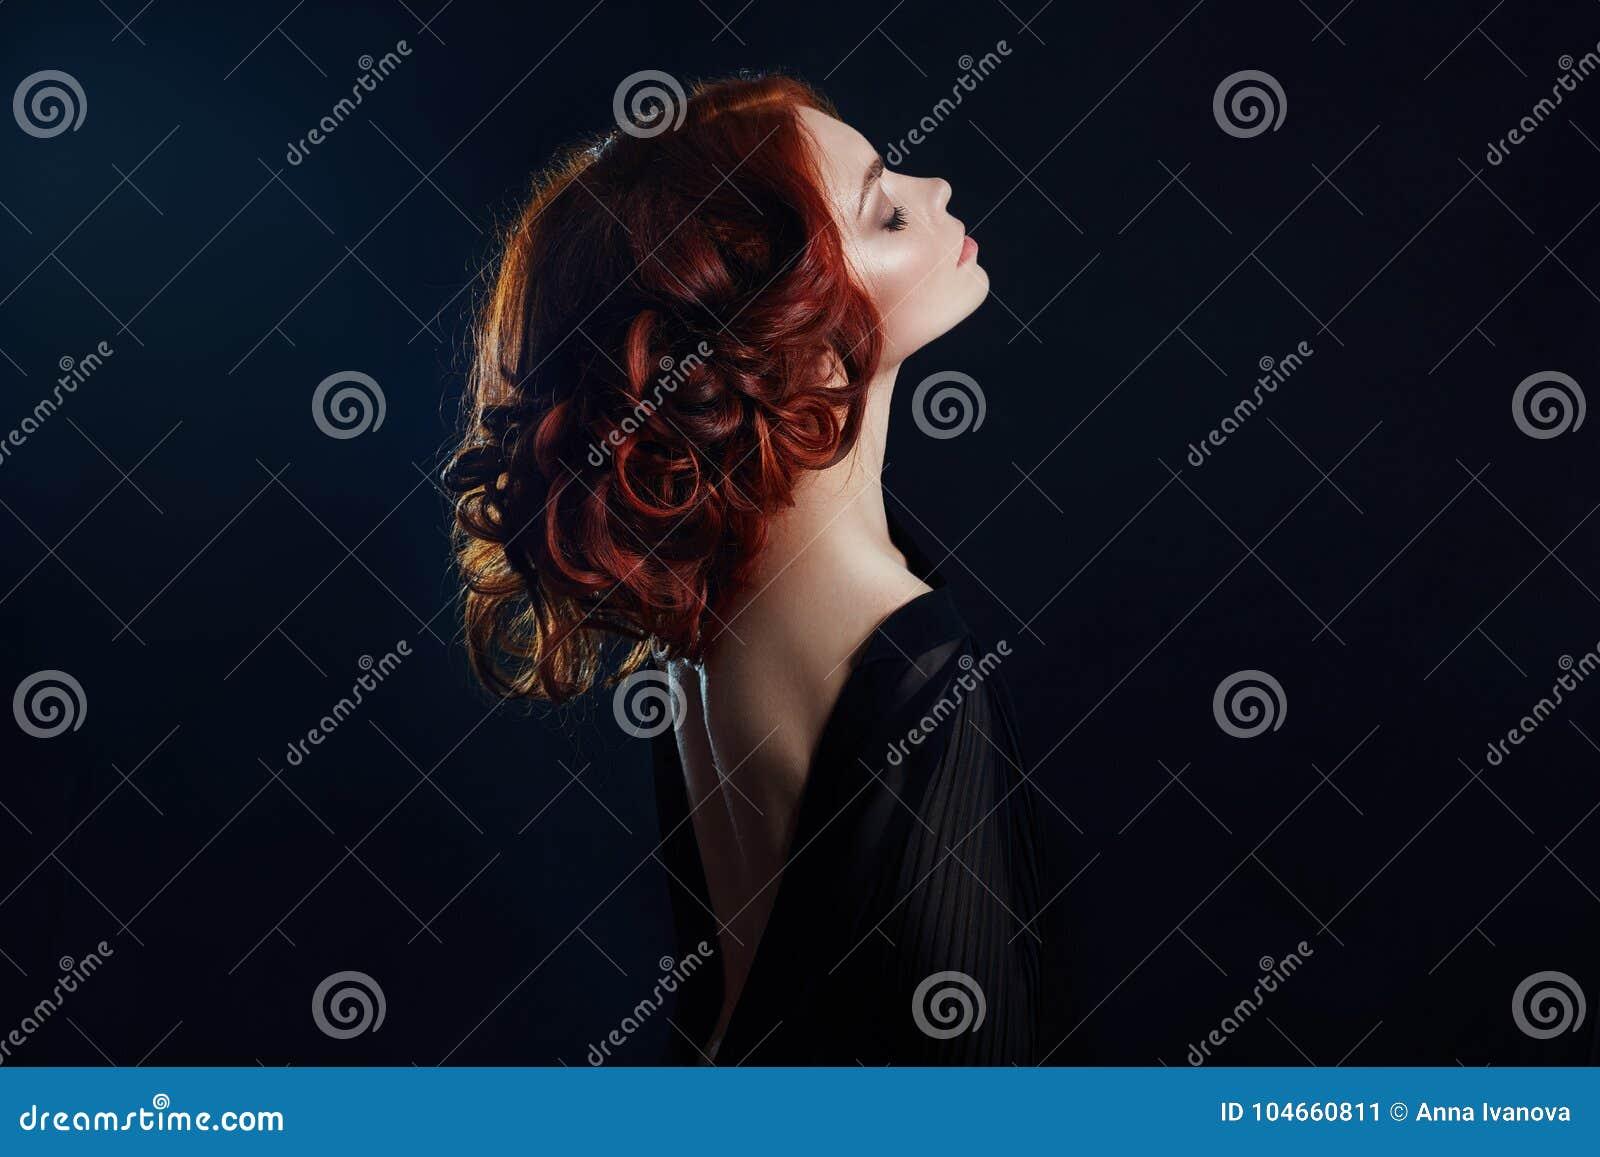 Όμορφη γυναίκα με την κόκκινη τρίχα σε ένα μαύρο υπόβαθρο Πορτρέτο μιας επιτυχούς γυναίκας, καθαρό δέρμα, φυσικό makeup, πρόσωπο